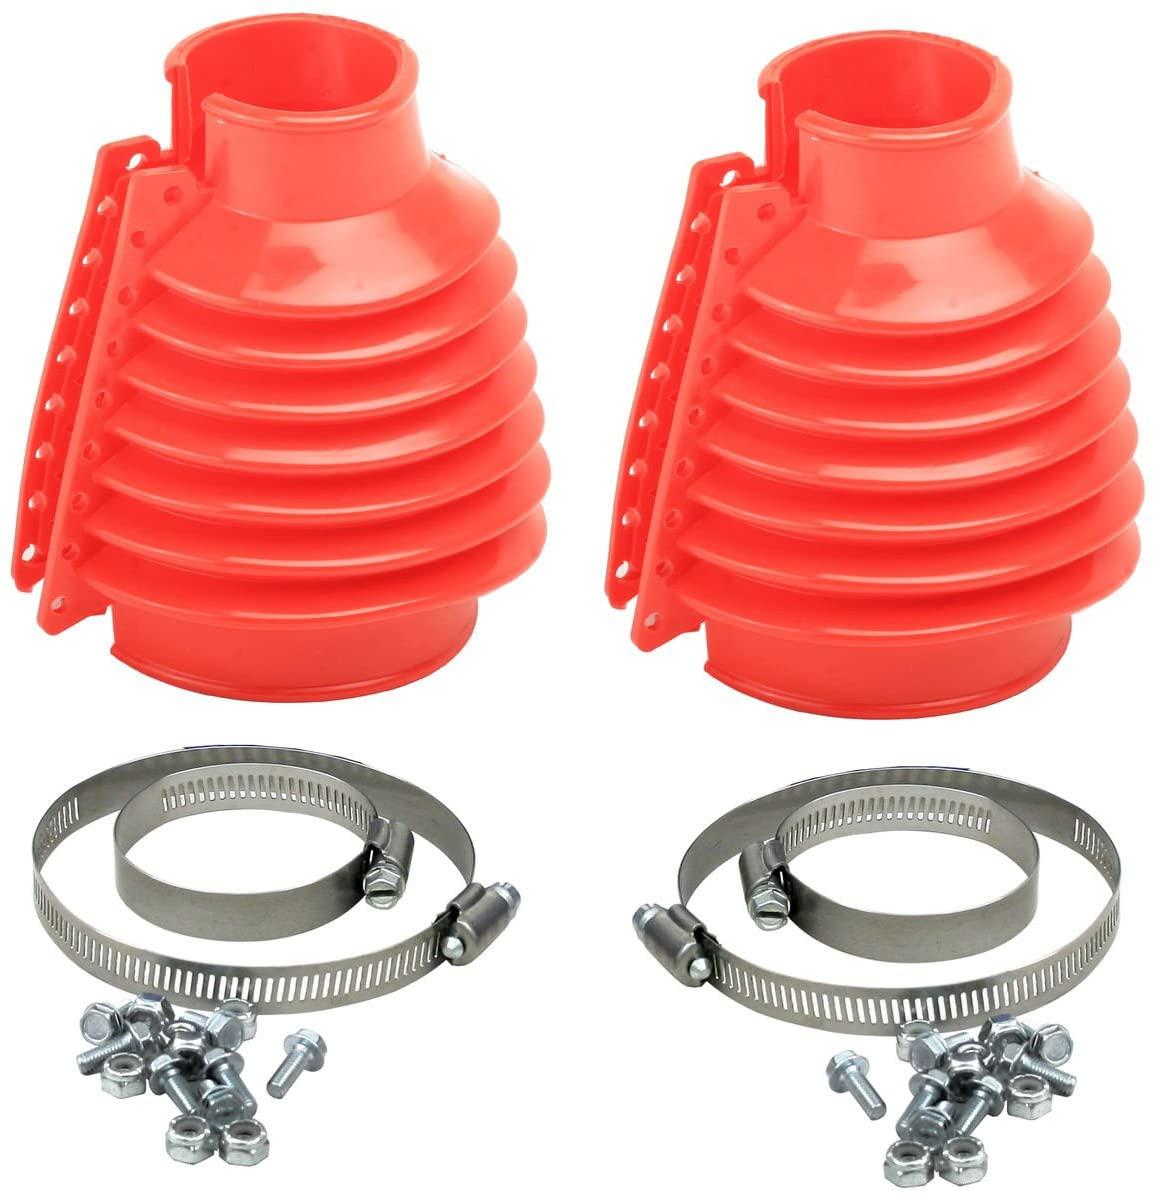 Coifa para semi-eixo em silicone - Par - Vermelha - VW/AR - Empi  - PRO-1 Serious Performance